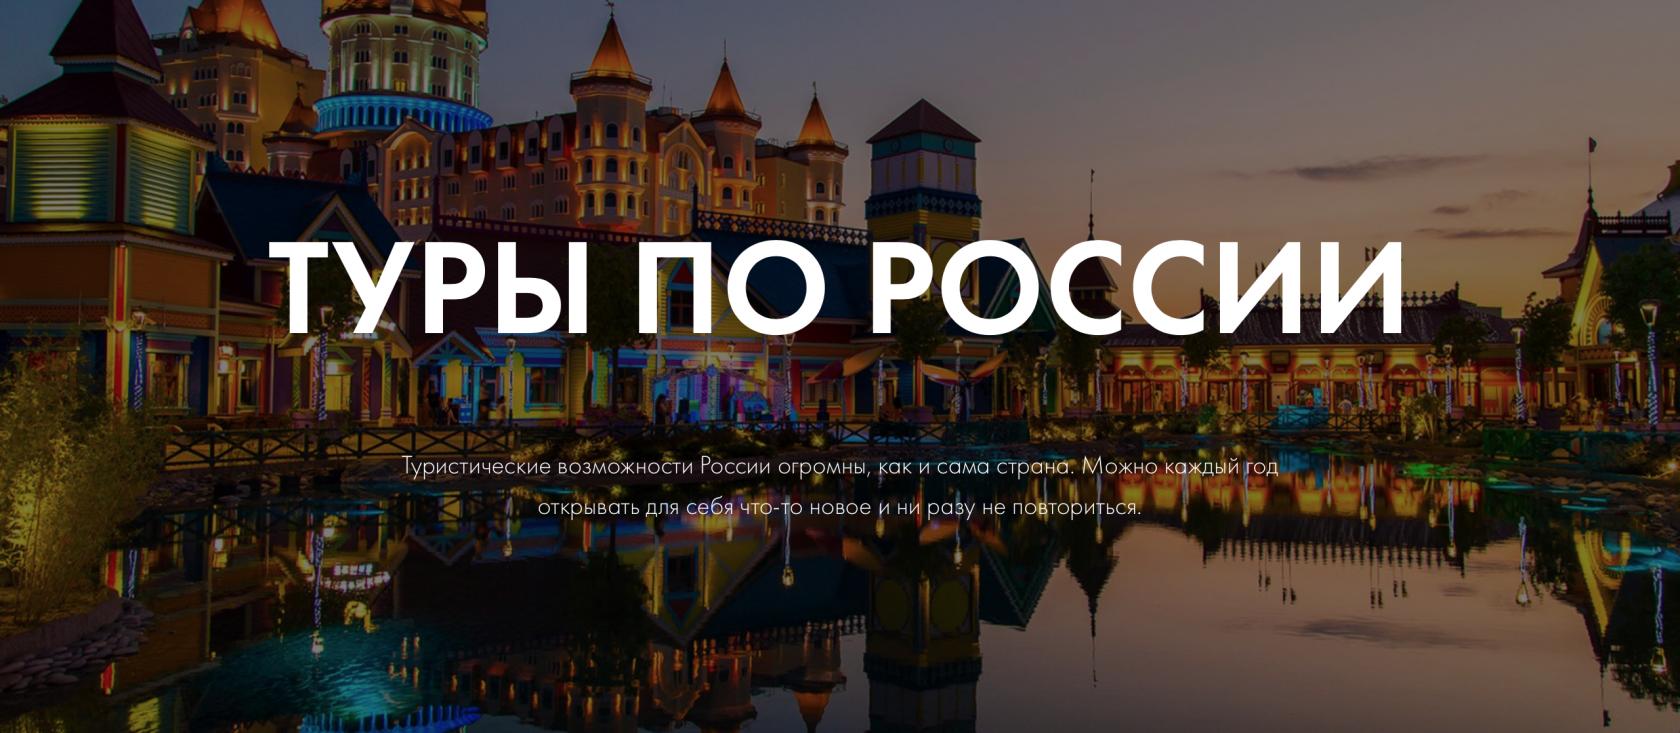 картинка с надписью отдыхаем в россии попробовала